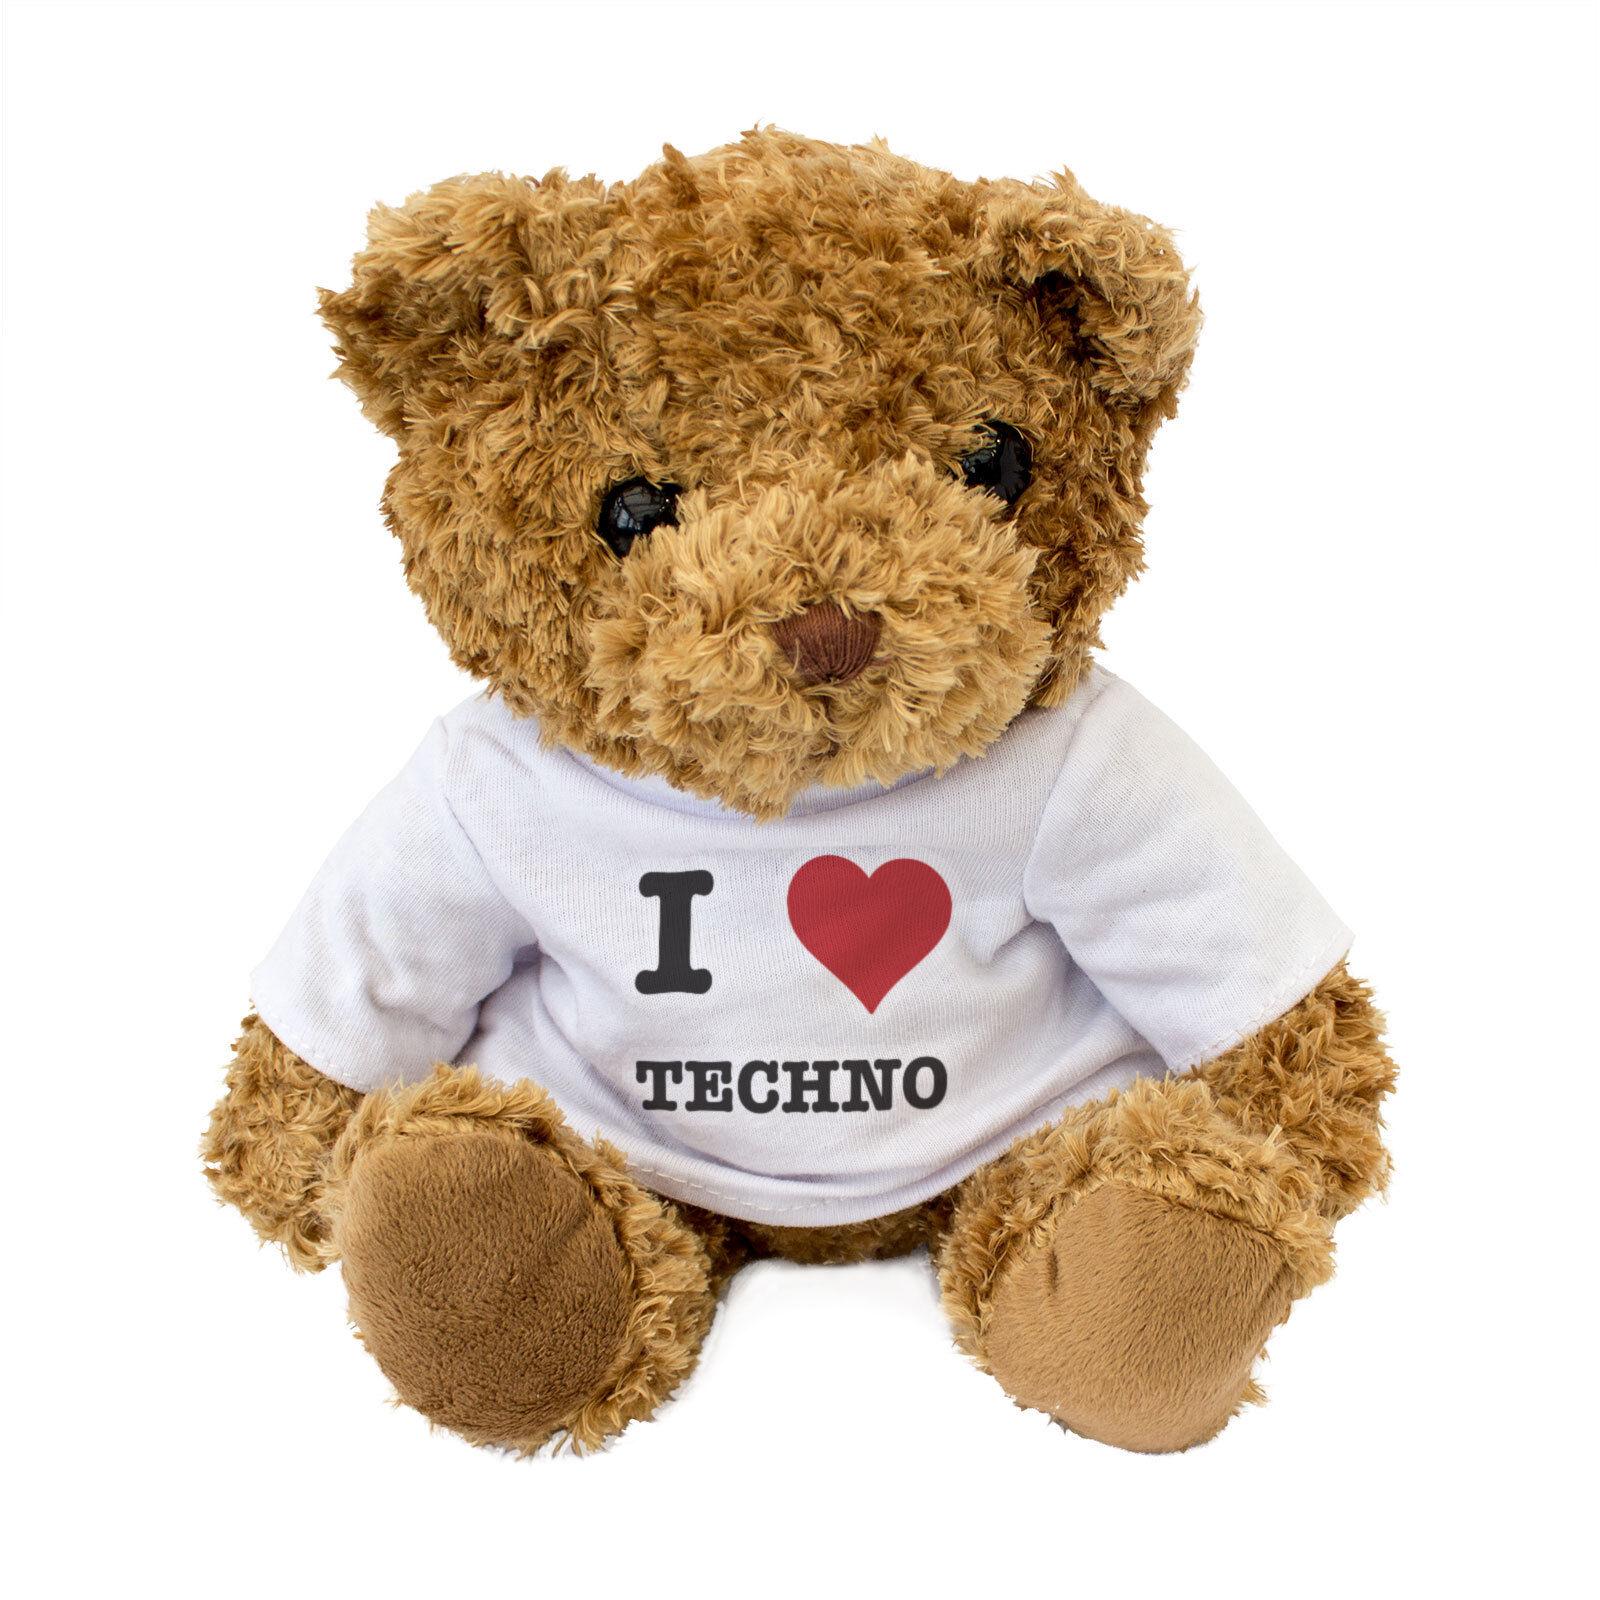 Neu - I Love Techno - Süß Teddybär Süß - Kuschelig - Musik Geschenk 4630d1